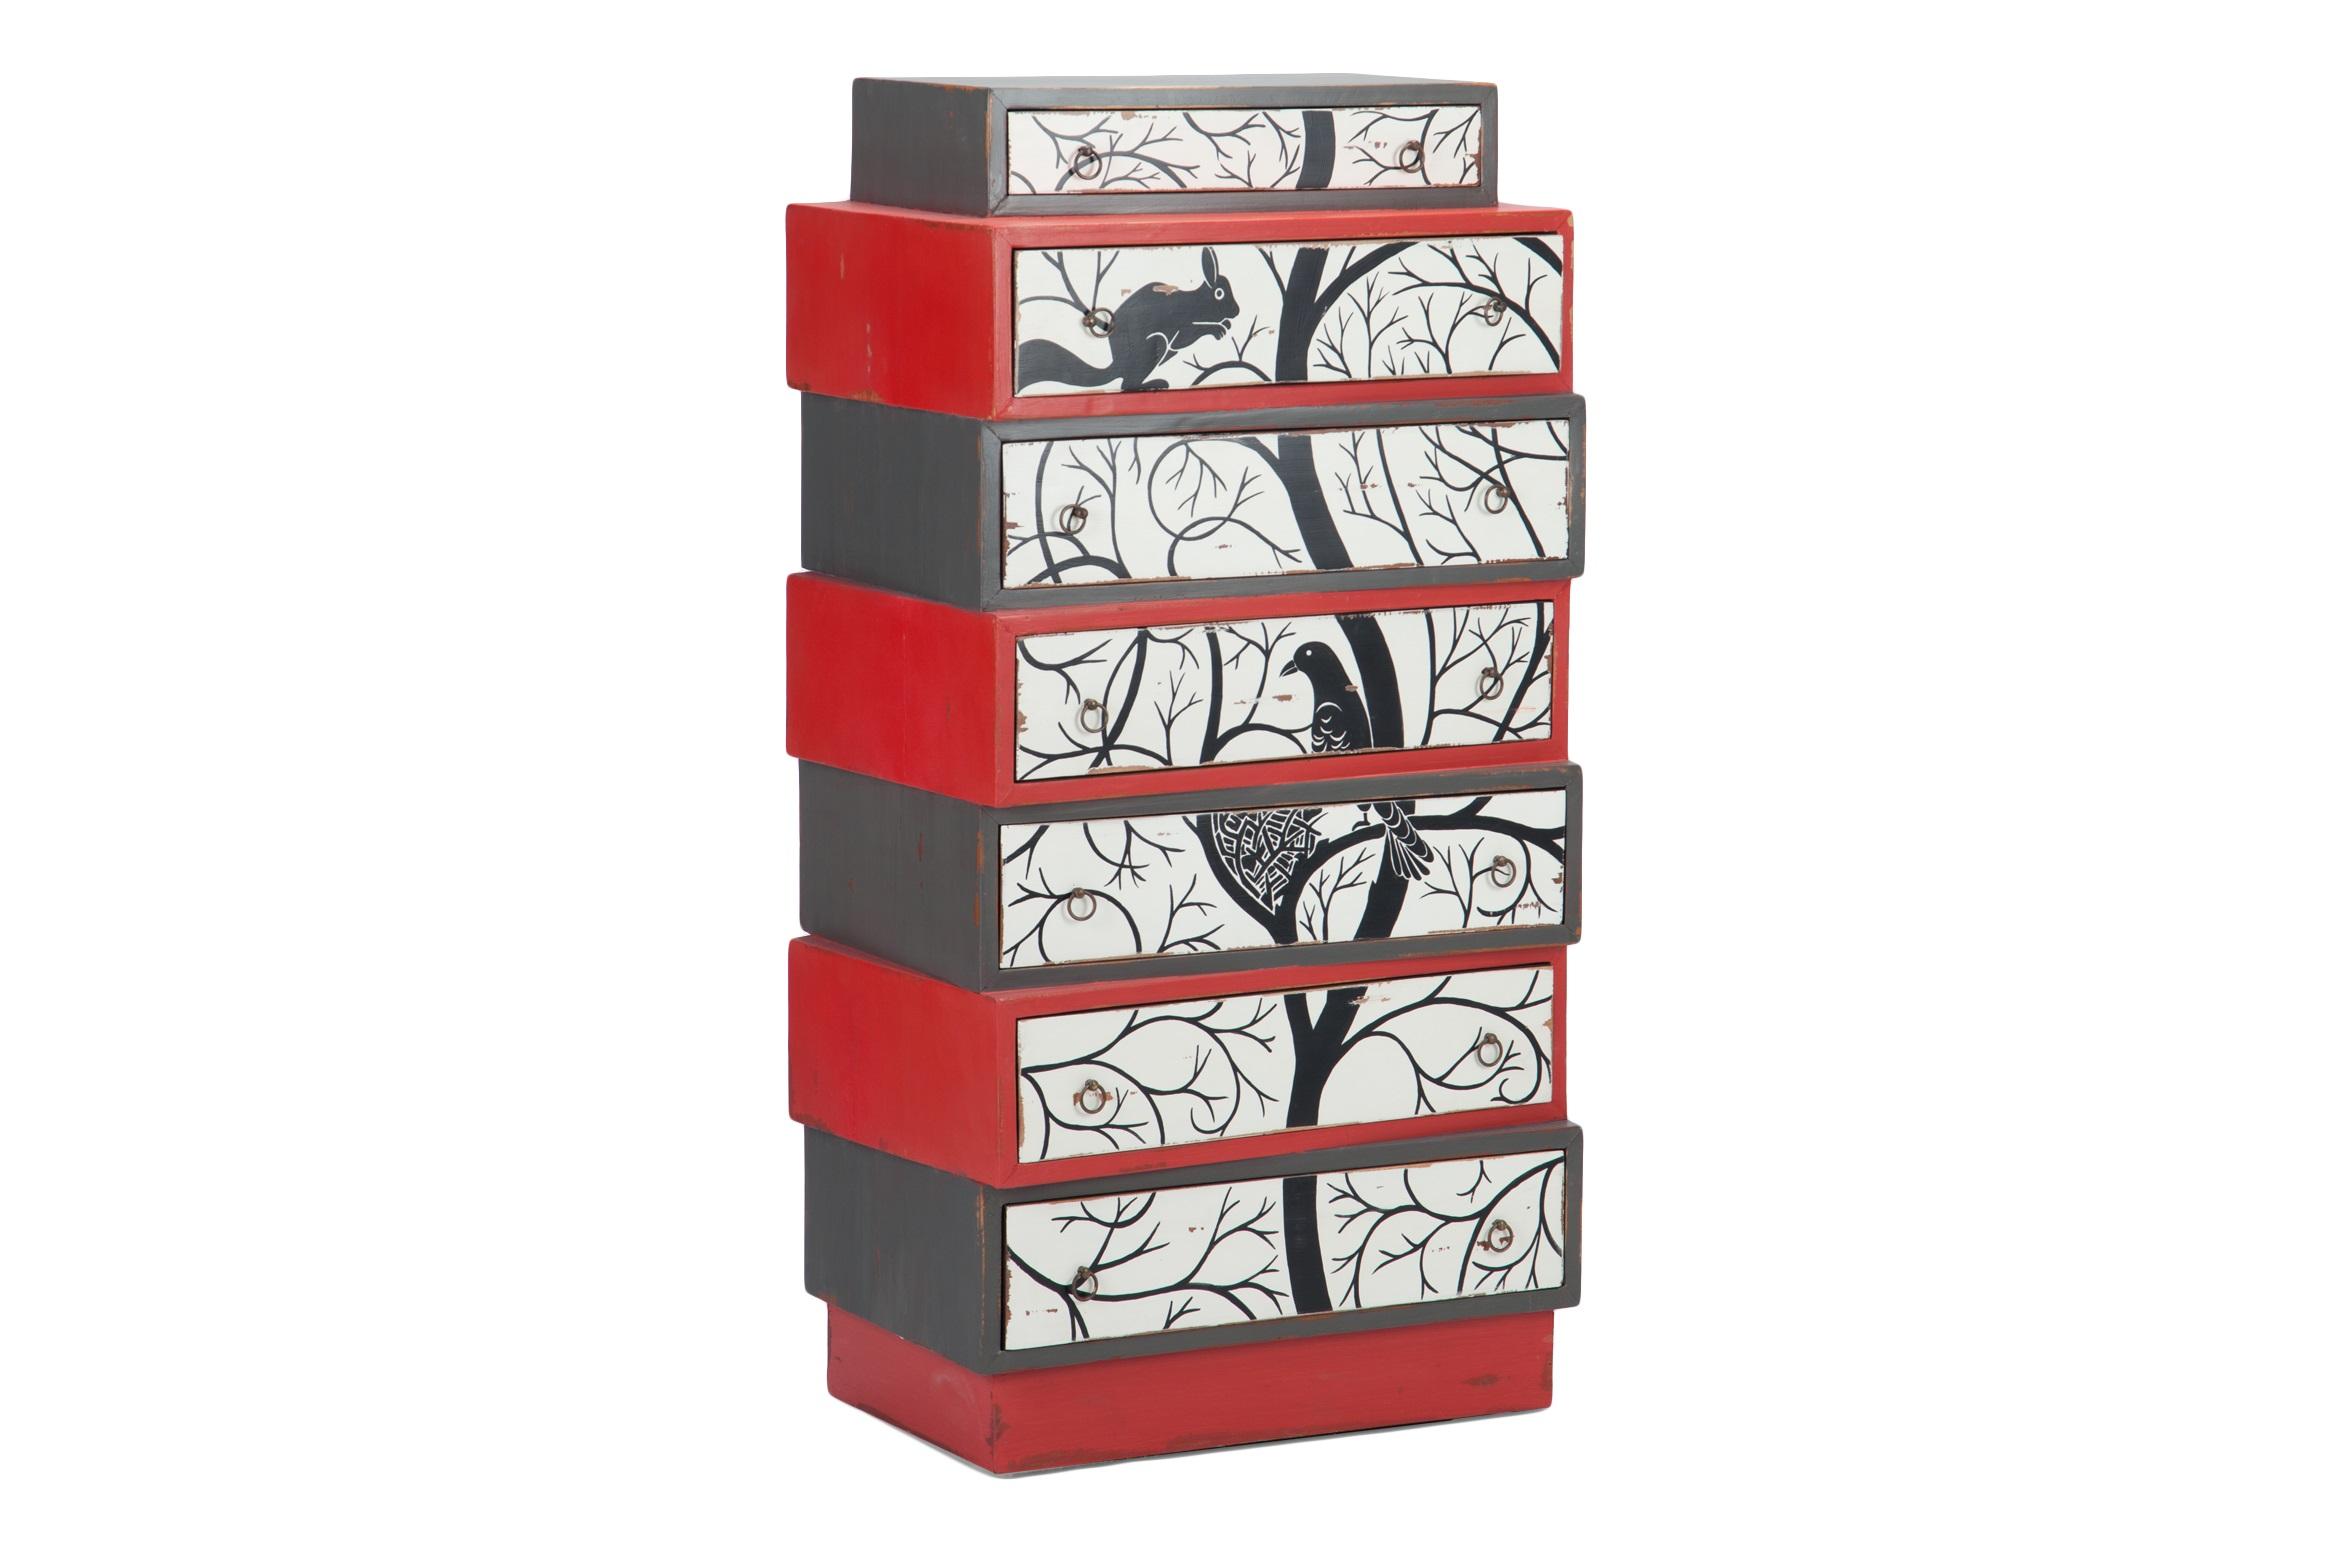 Комод высокийБельевые комоды<br>Высокий комод оригинального дизайна из дерева махагони с росписью ручной работы.<br><br>Material: Красное дерево<br>Width см: 71<br>Depth см: 46<br>Height см: 130